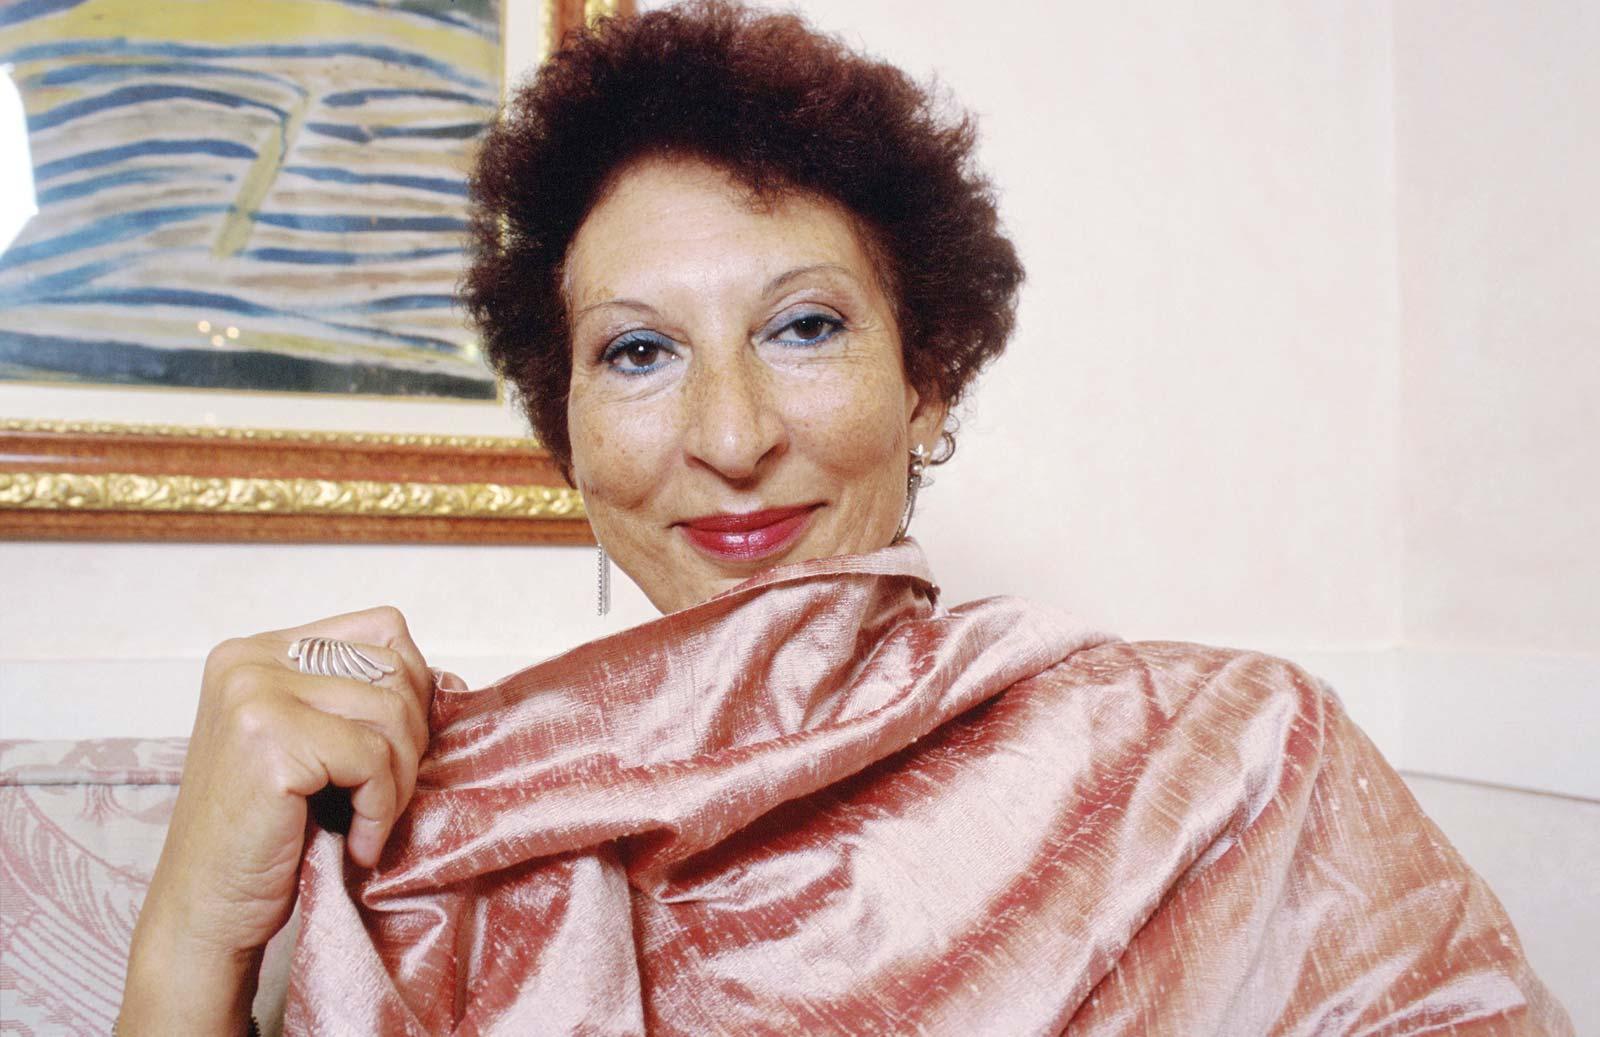 Fatima-Mernissi-Moroccan